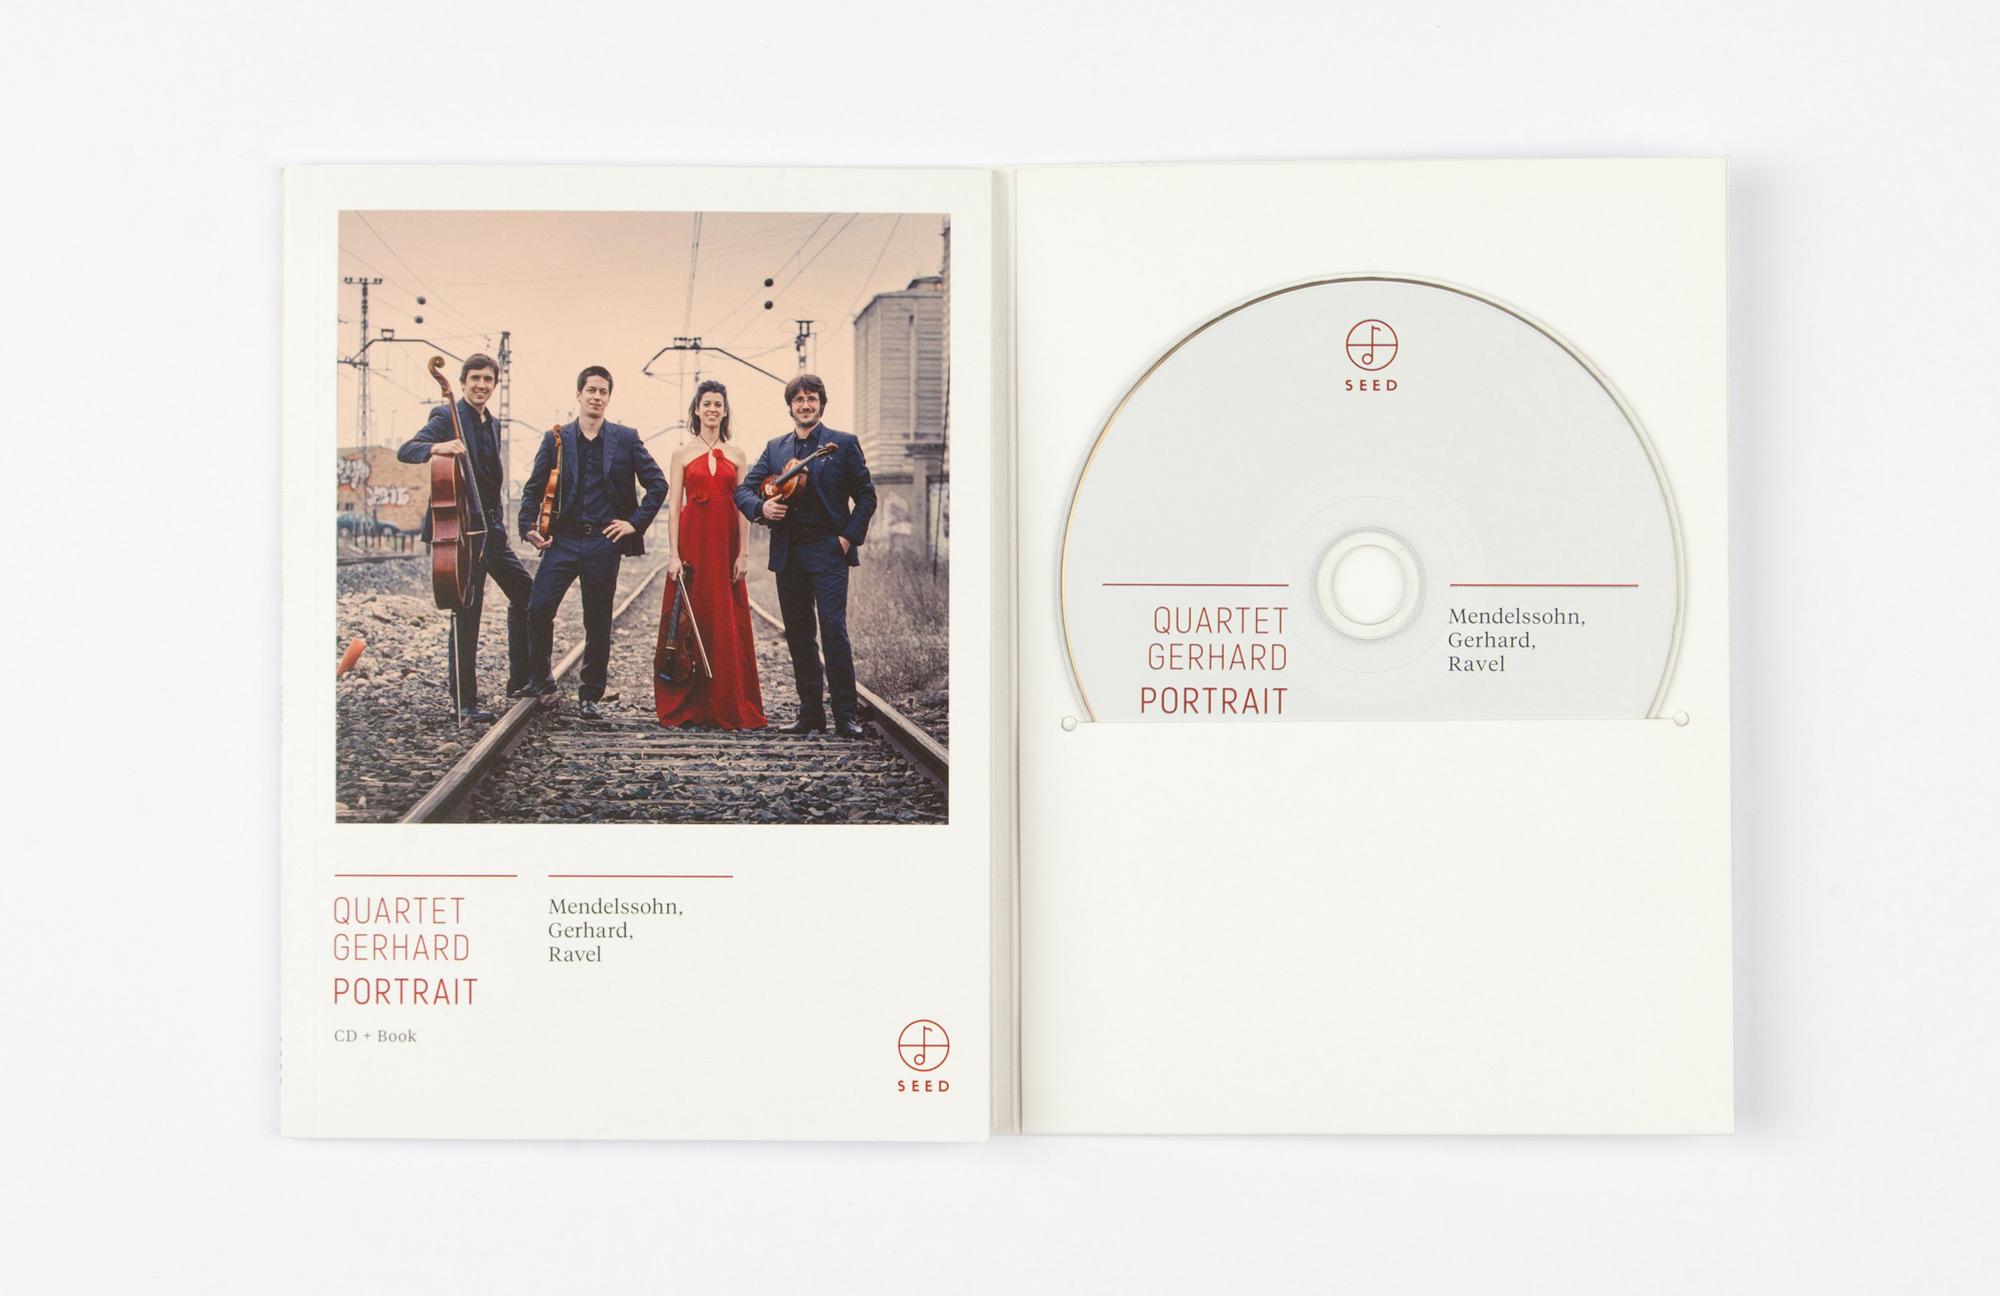 Quartet Gerhrard